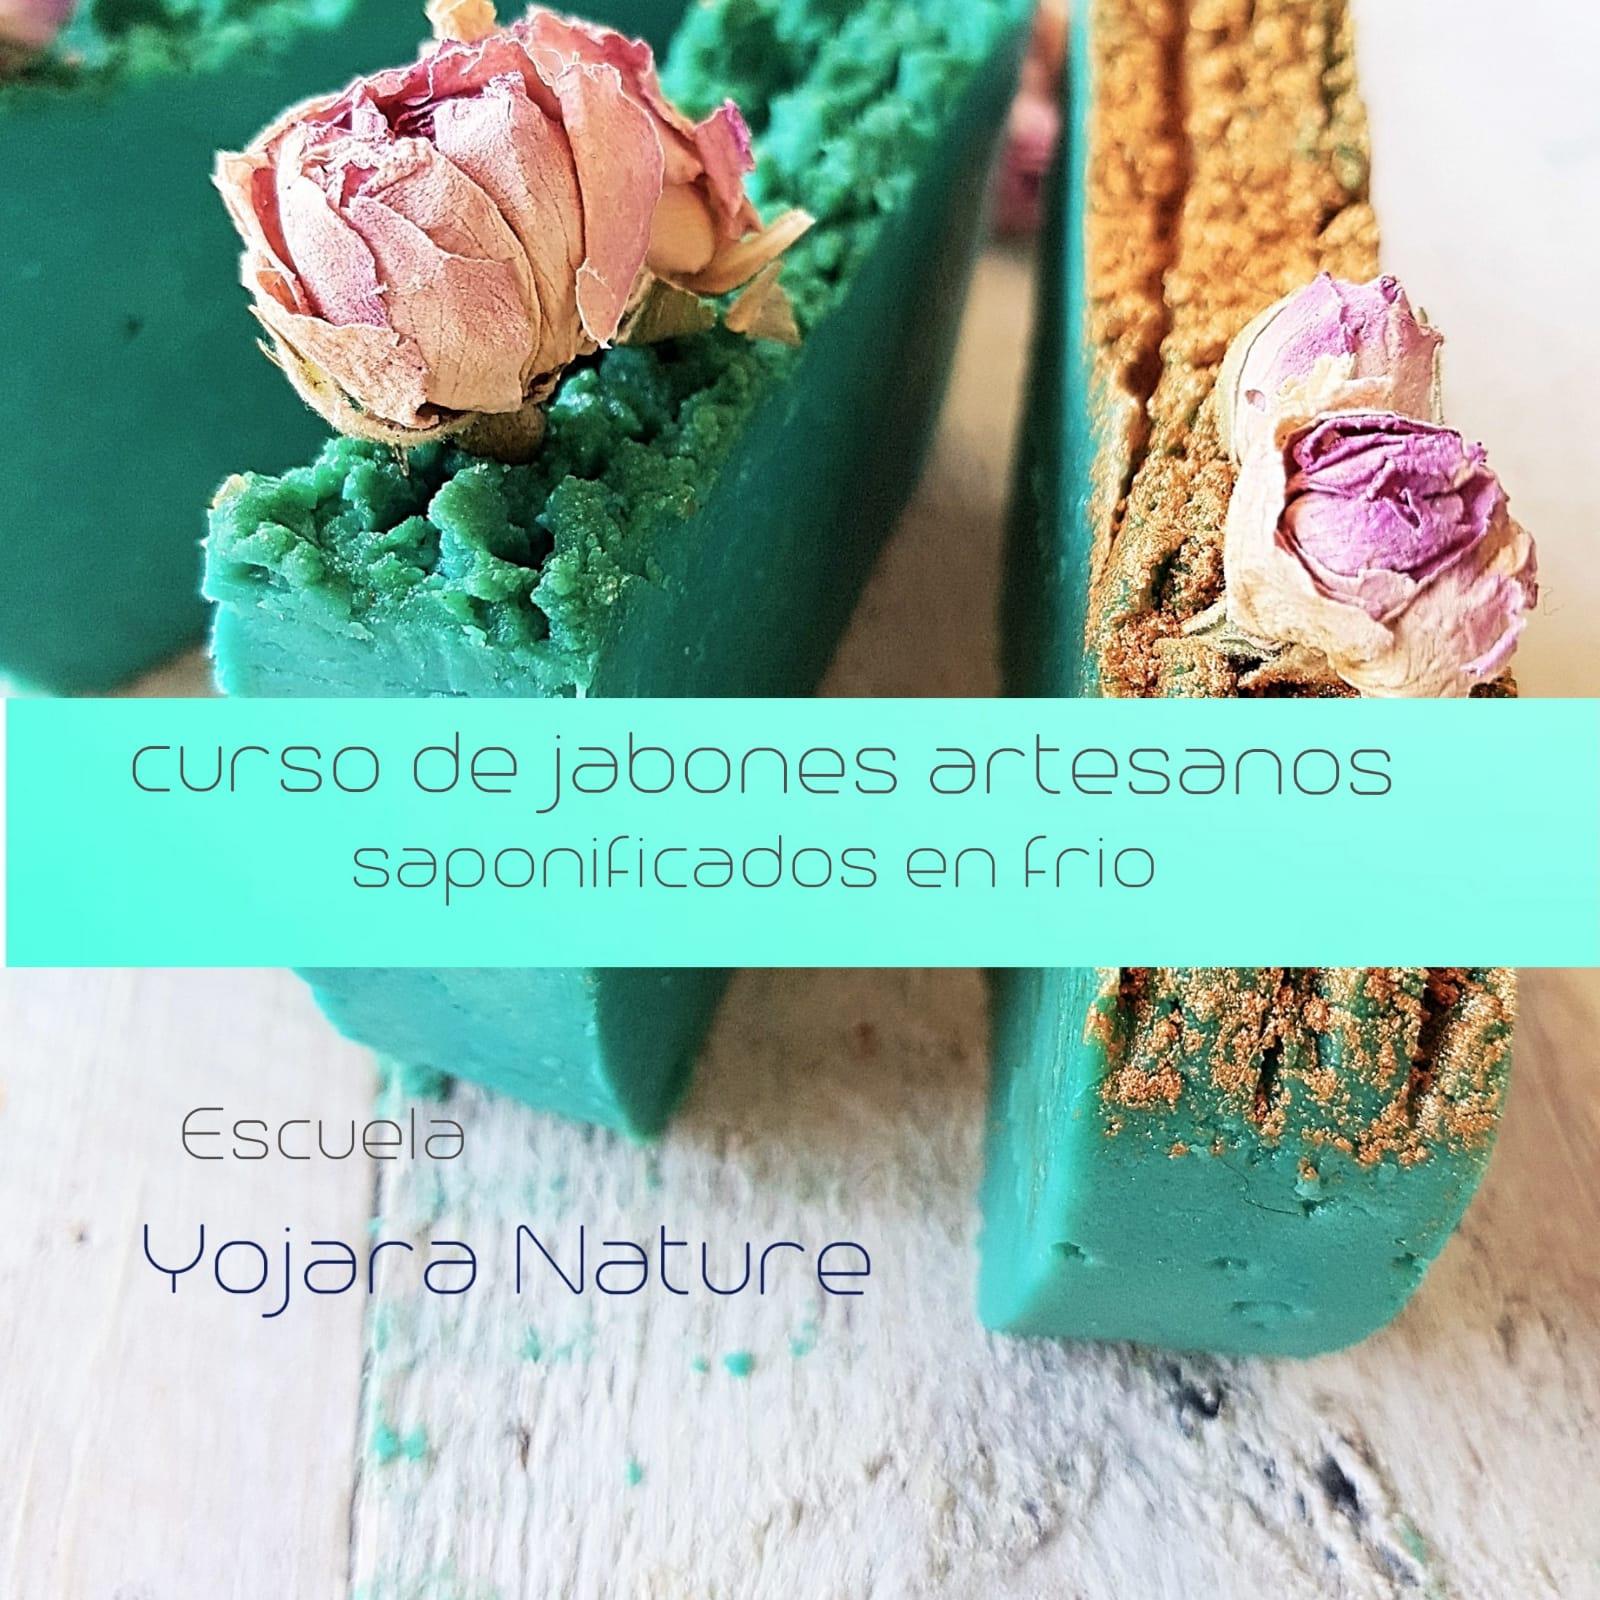 curso cosmetica natural, curso jabones artesanos saponificados en frio